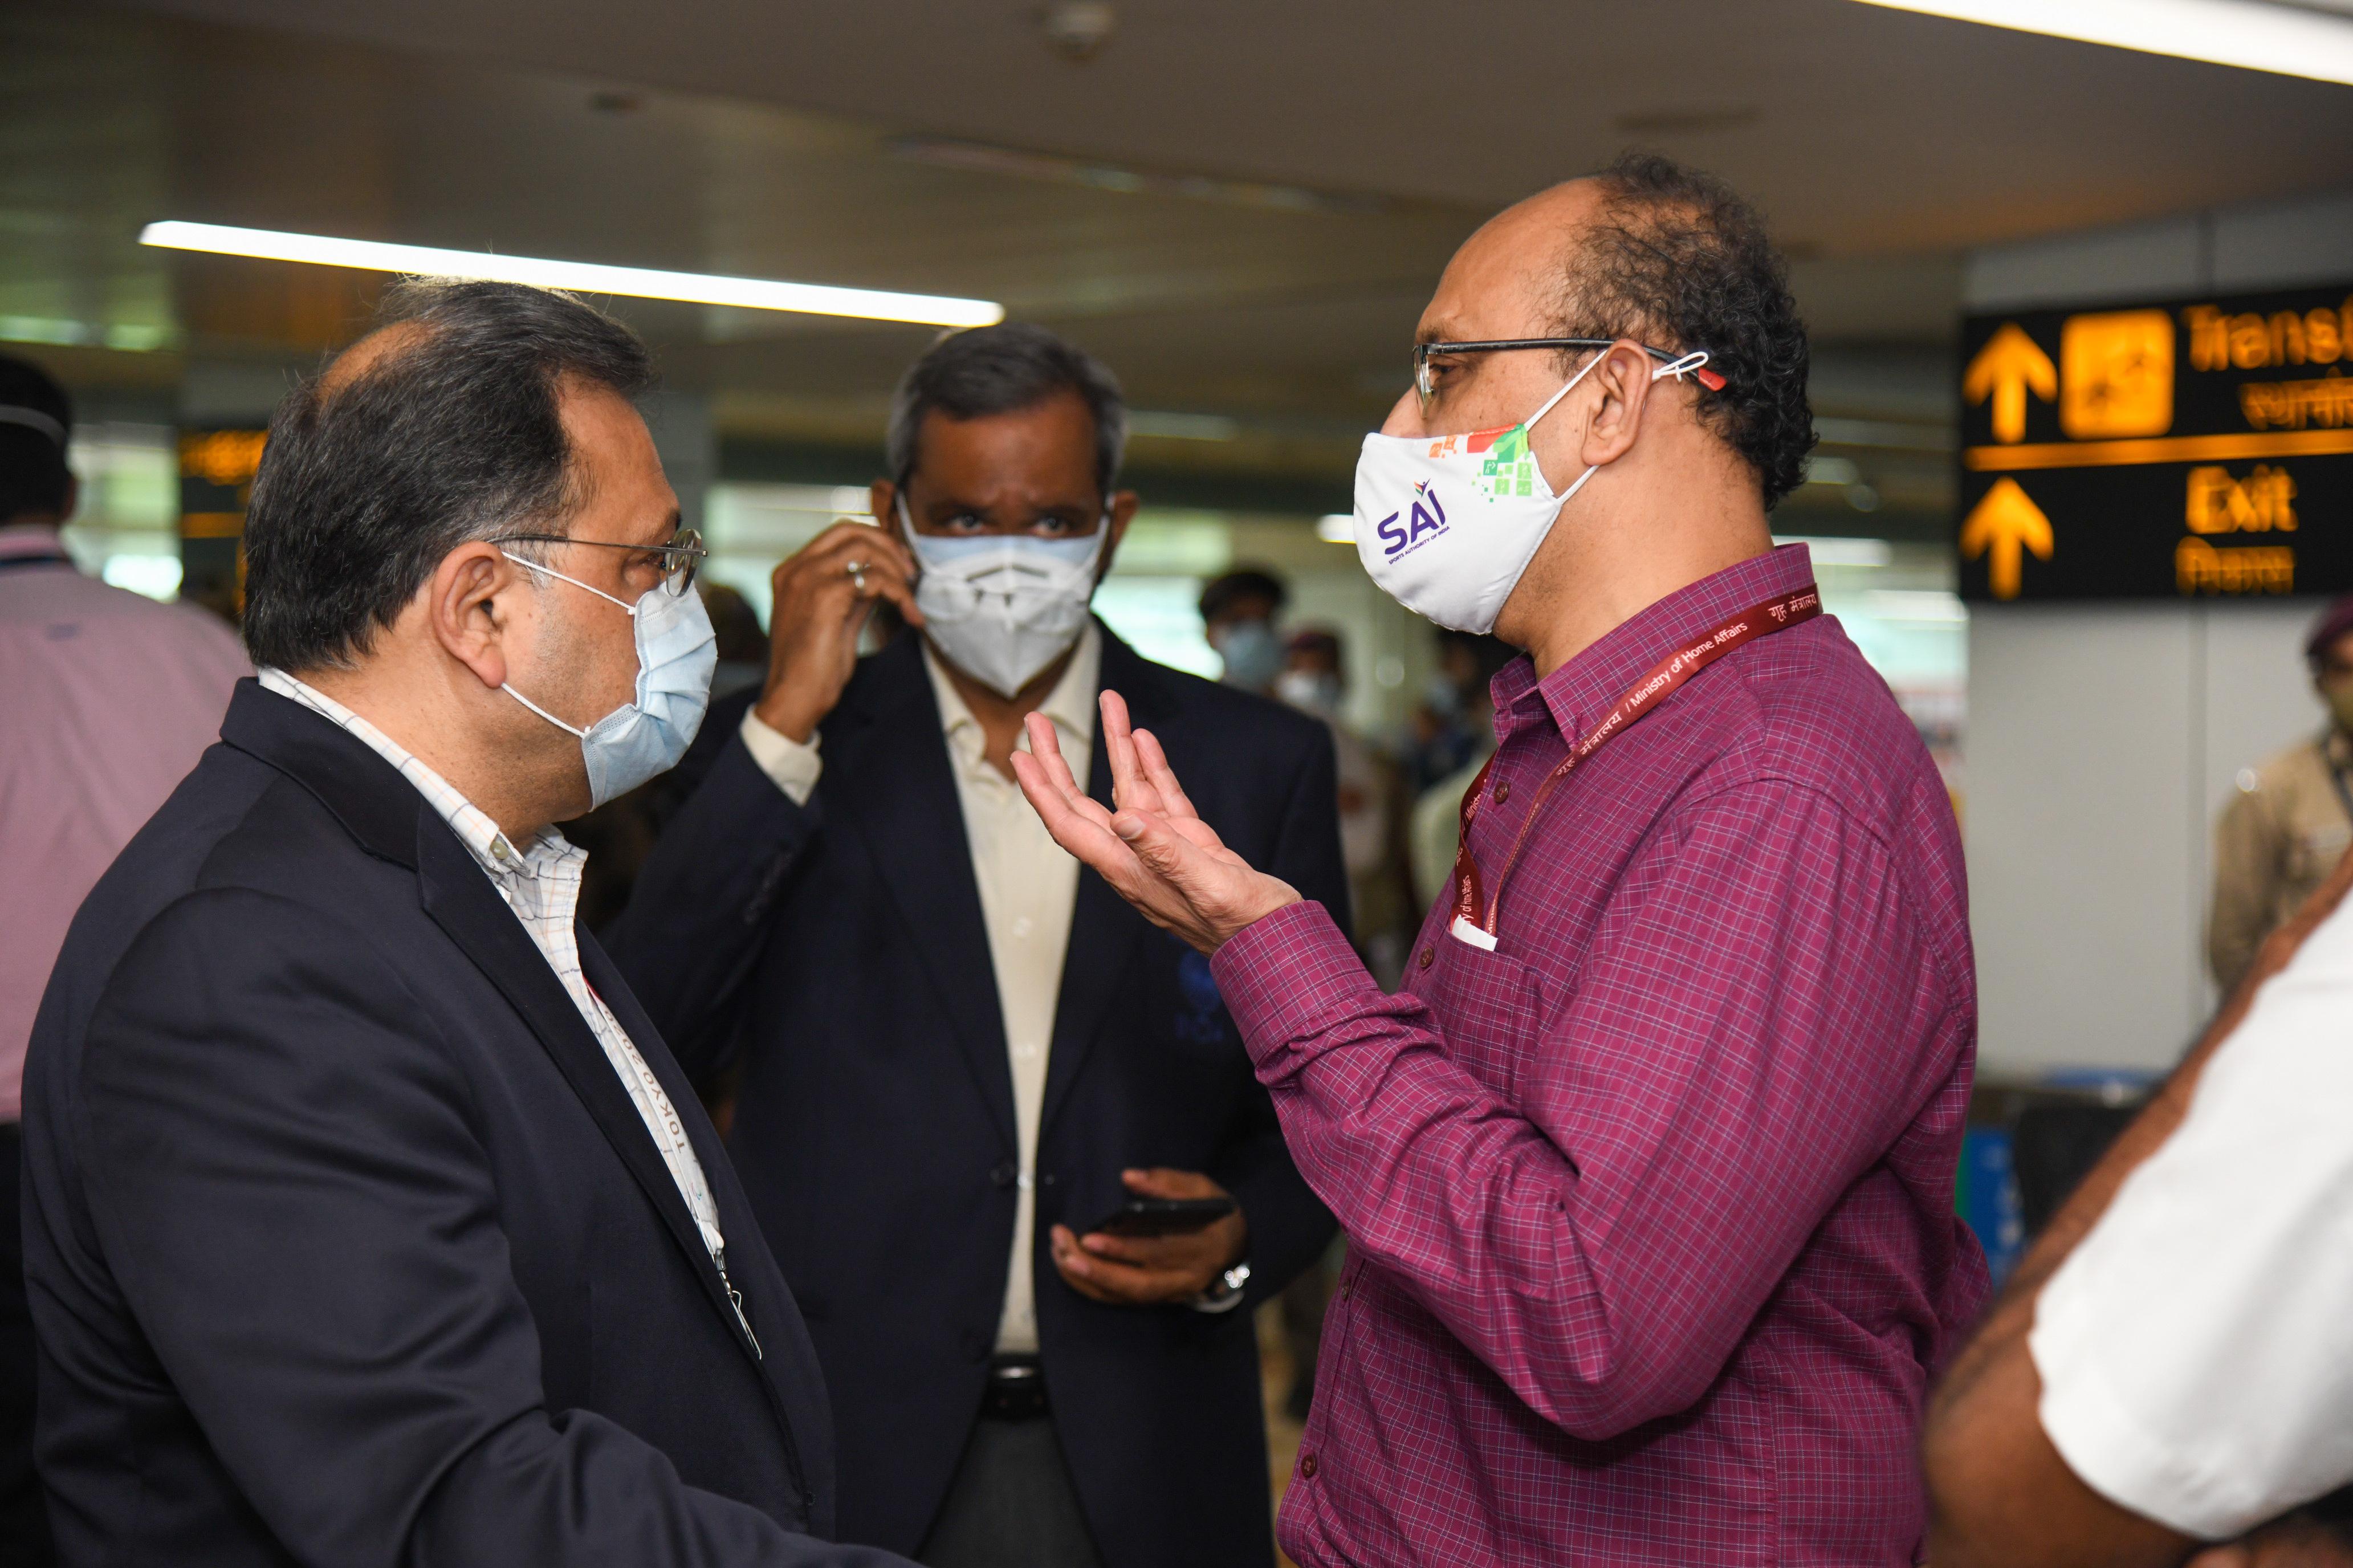 એથ્લેટિક્સ ફેડરેશન ઓફ ઈન્ડિયાના પ્રેસિડેન્ટ આદિલે સુમરઈવાલા અને SAIના DGI એરપોર્ટ પર હાજર રહ્યા